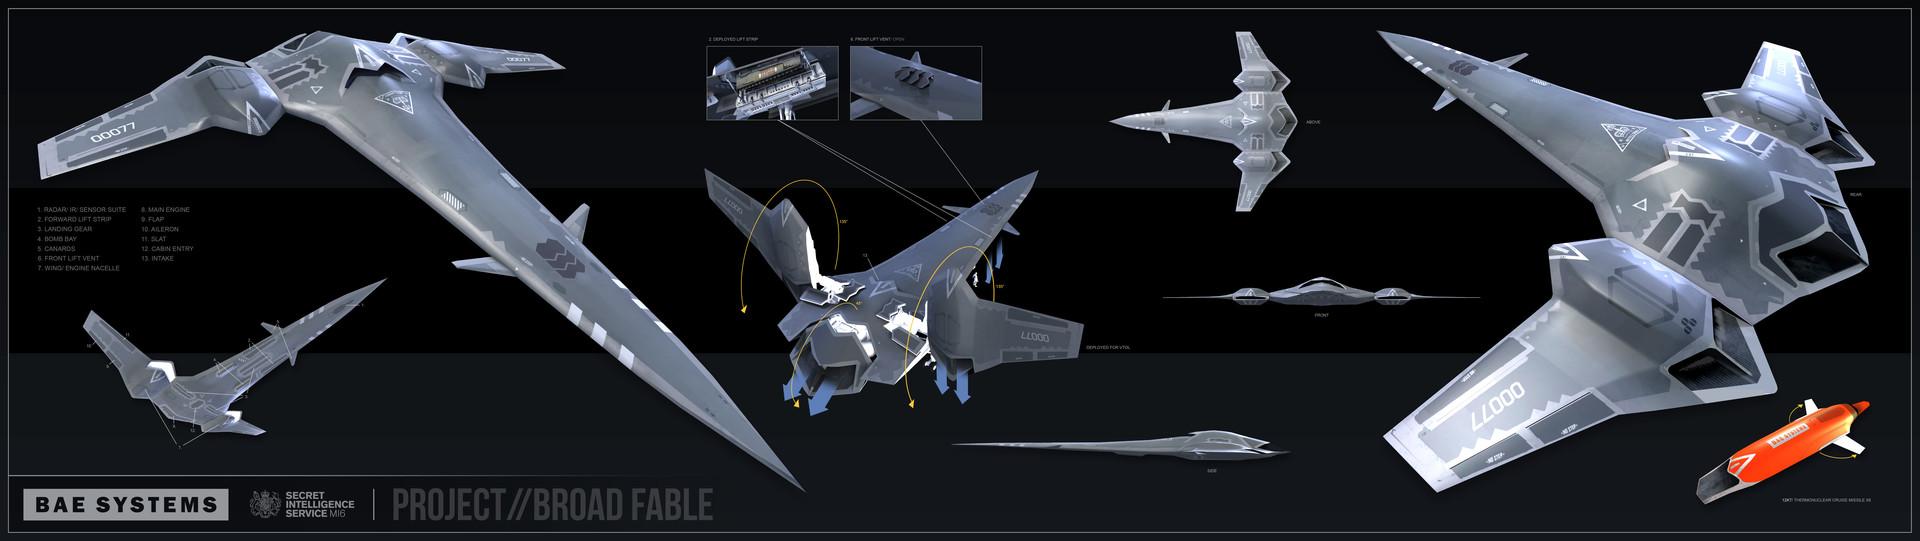 Samuel aaron whitehex glider concept 03